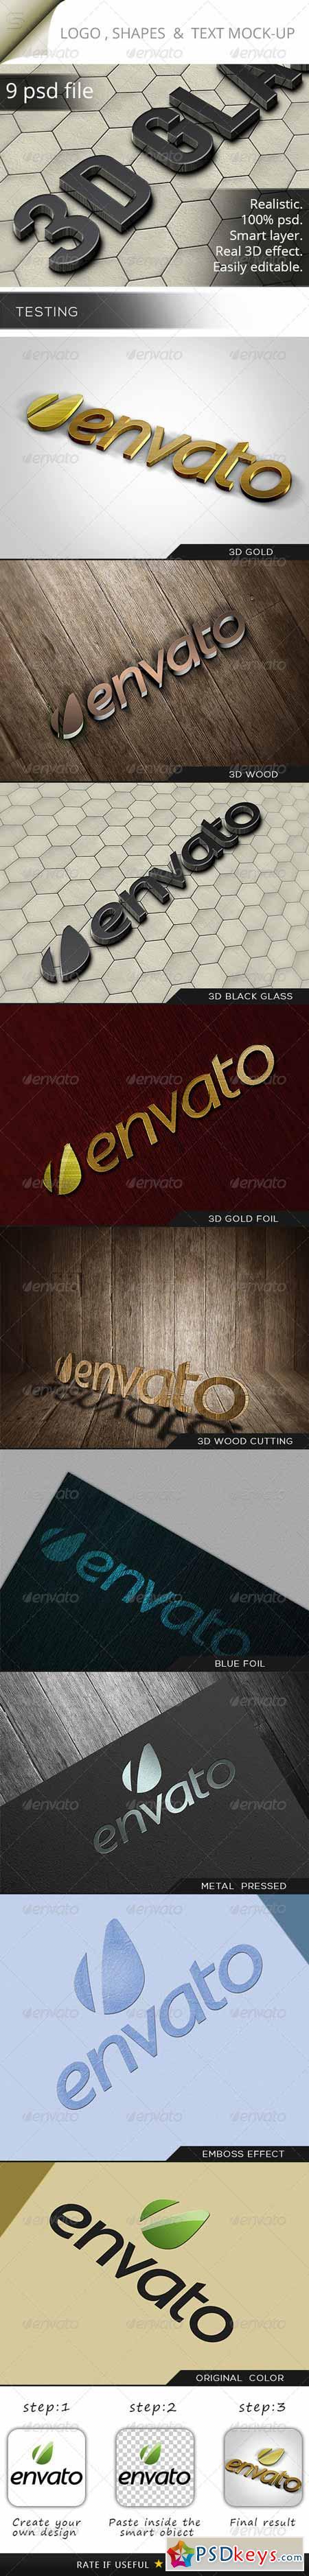 Photorealistic Logo Mock-Up 5721937